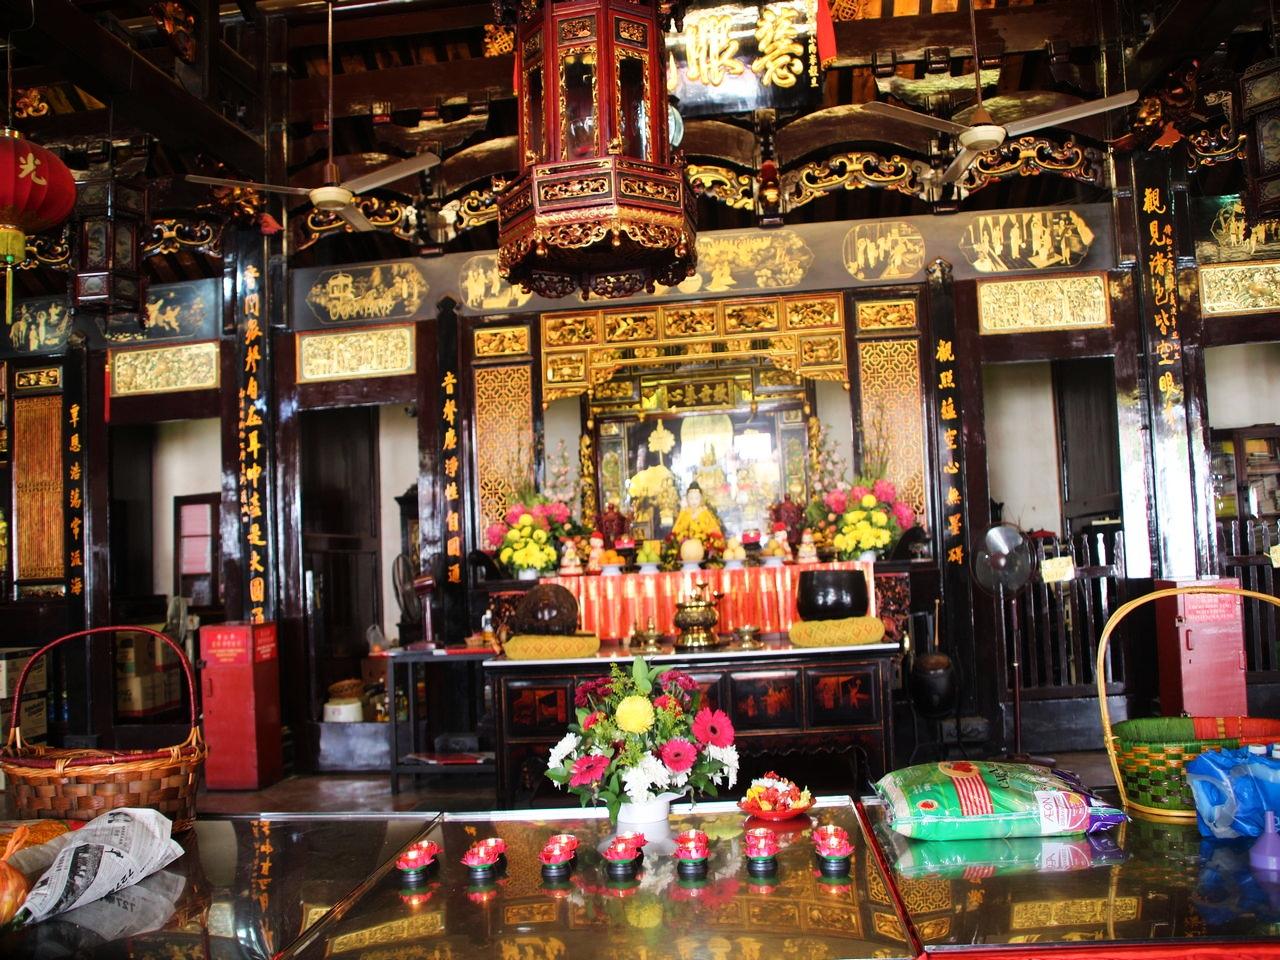 Interior del templo Cheng Hoon Teng con la mesa de ofrendas.